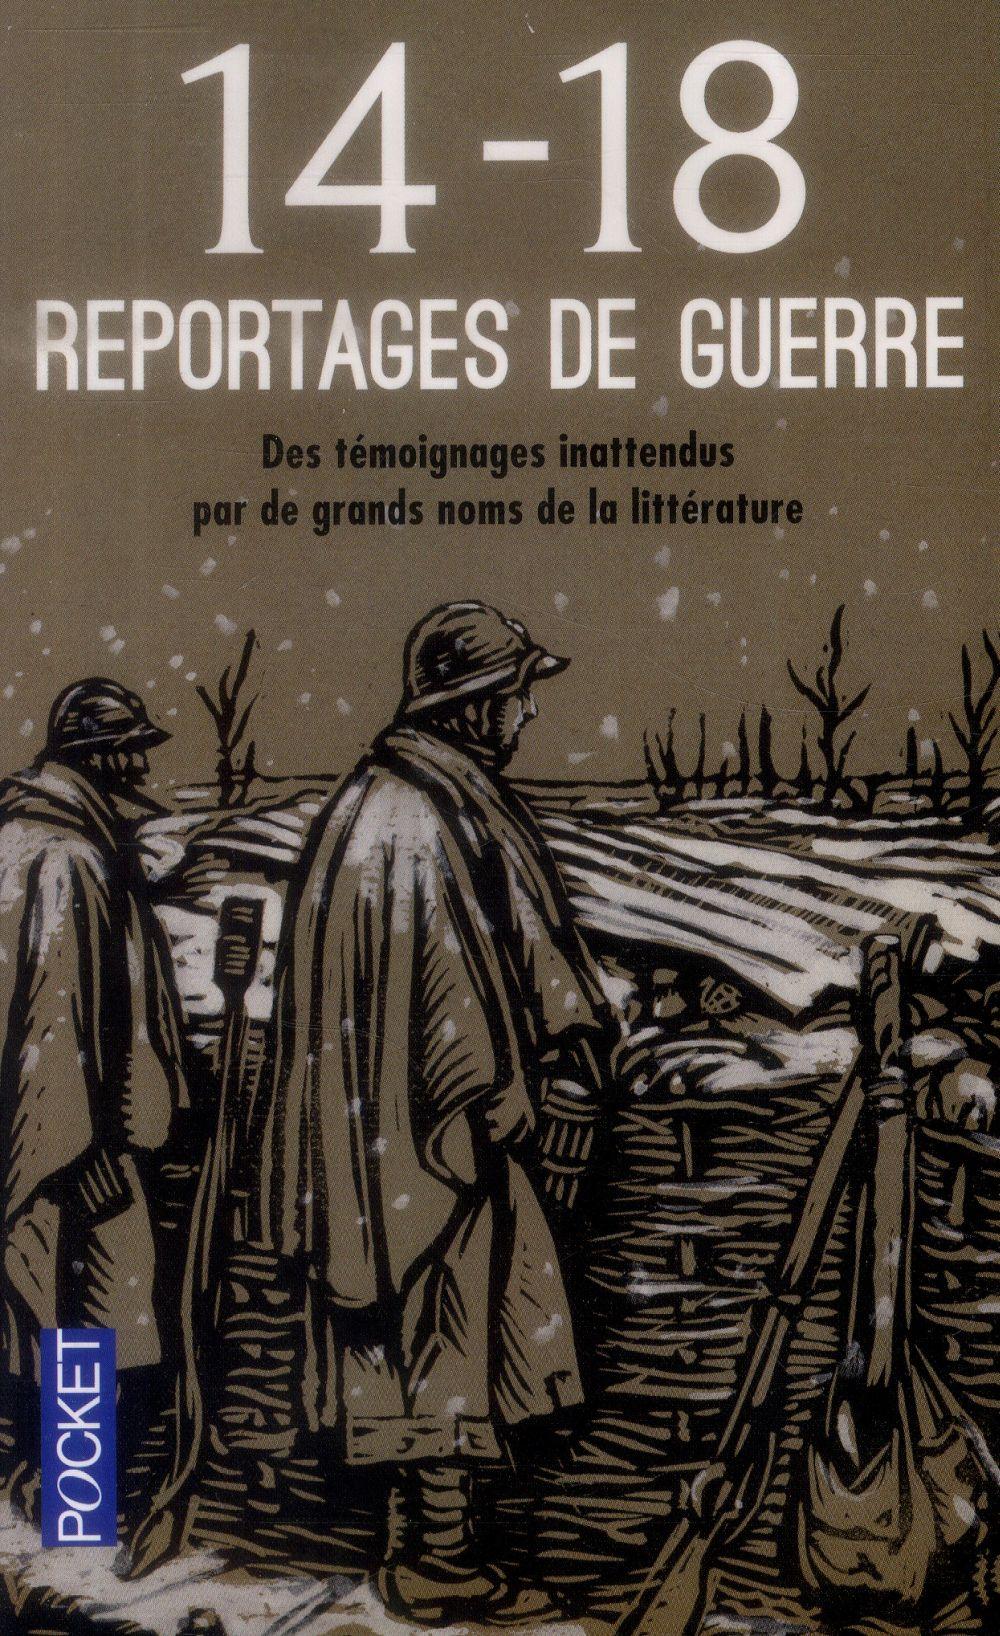 REPORTAGES DE GUERRE 14-18